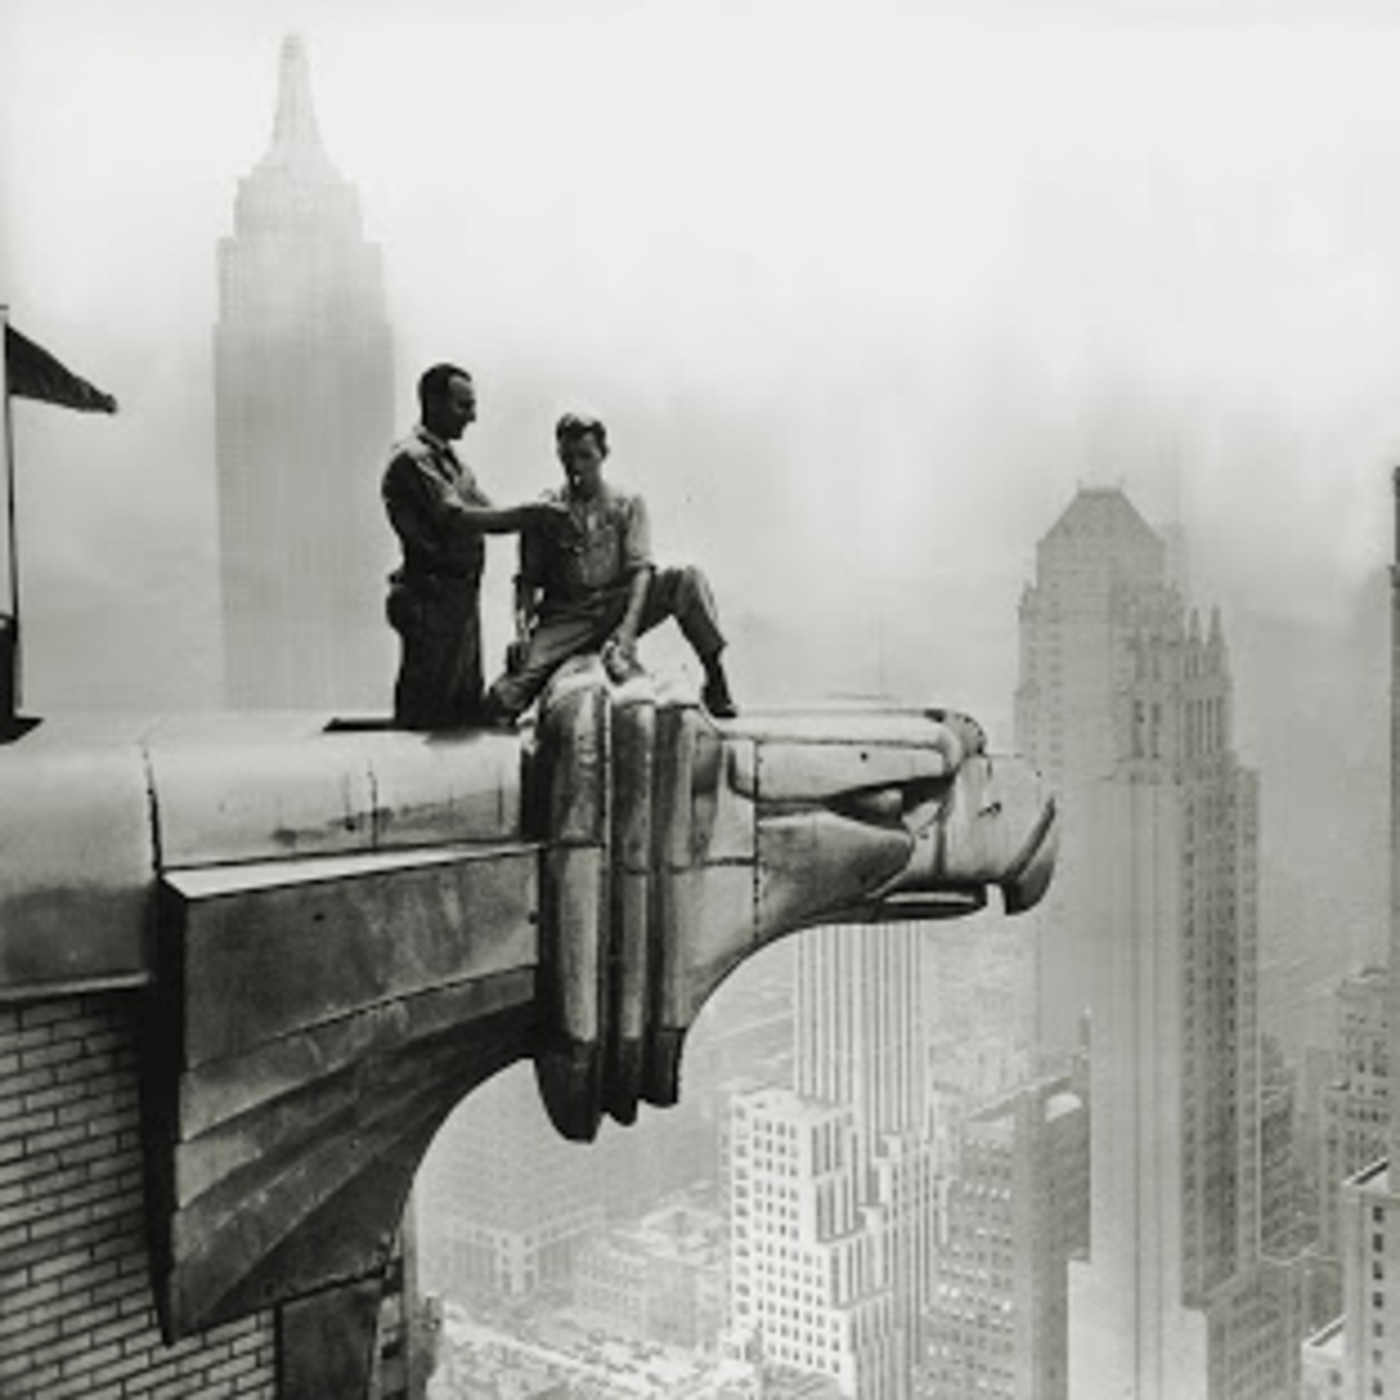 Los felices años 20 y el crack de 1929